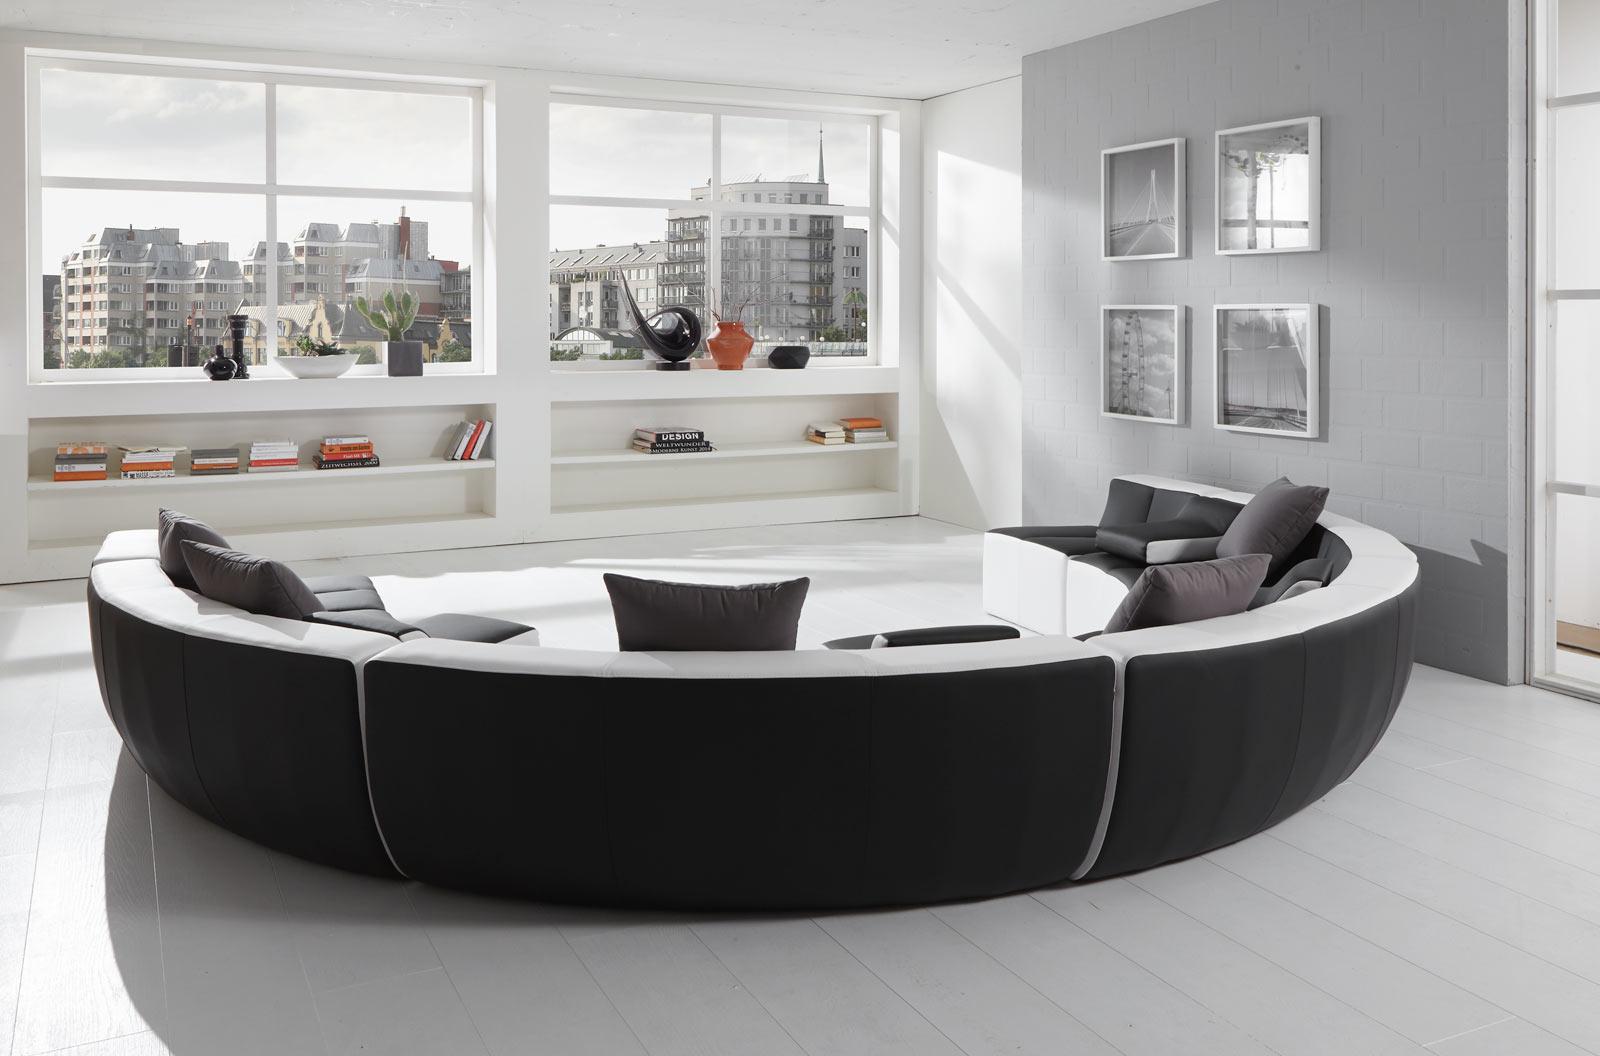 sam wohnlandschaft schwarz wei tiara rund 265 x 400 x 265 cm. Black Bedroom Furniture Sets. Home Design Ideas